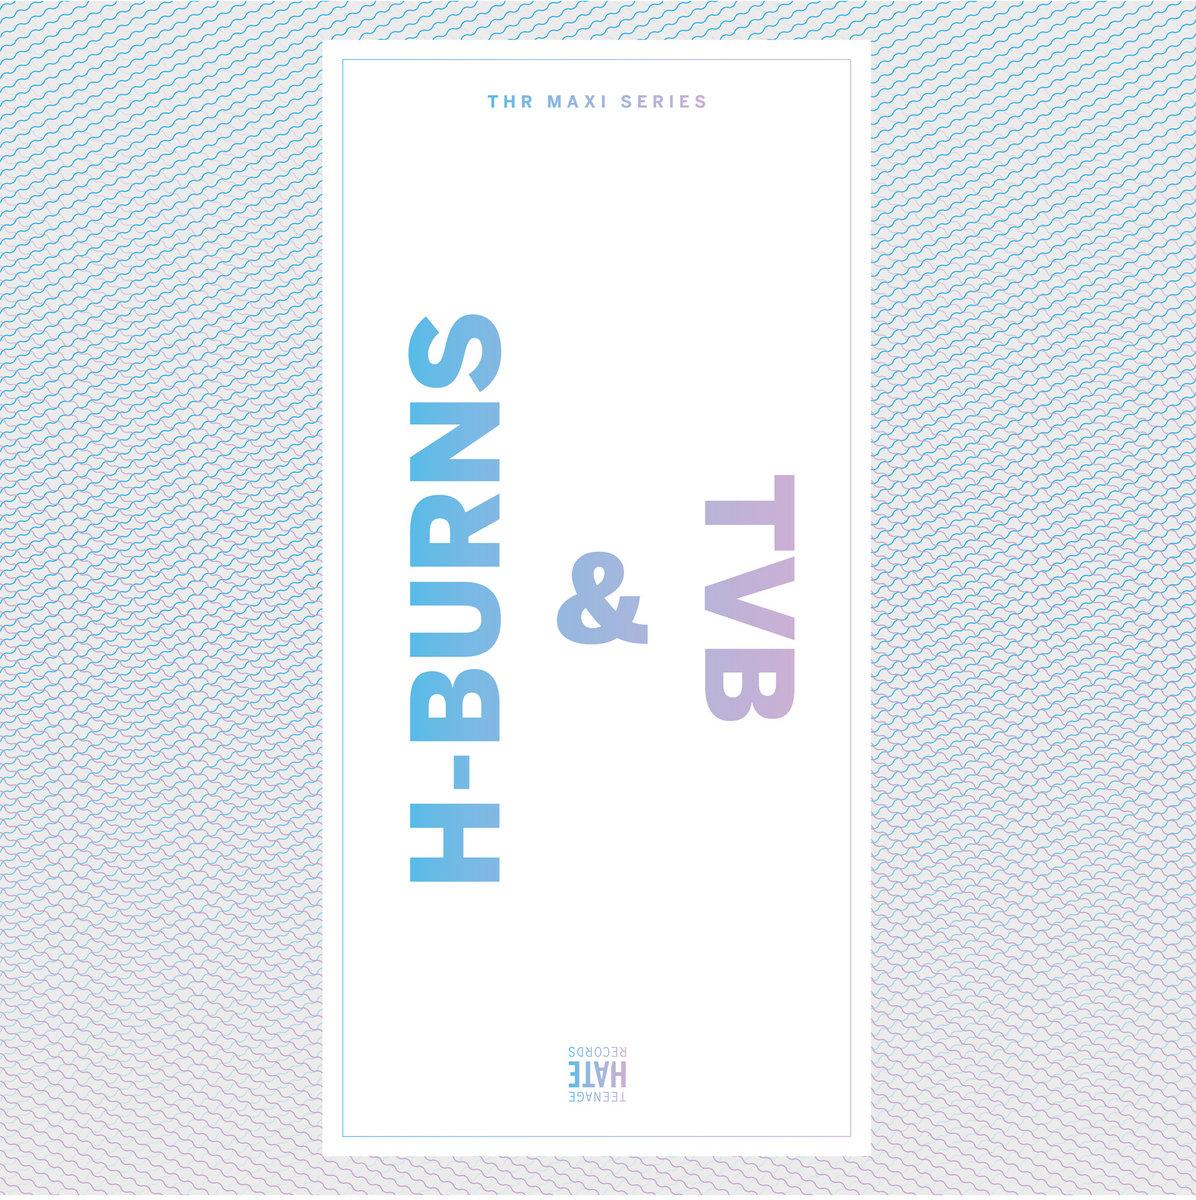 H-BURNS + TROY VON BALTHAZARD - THR Maxi Series Vol 01